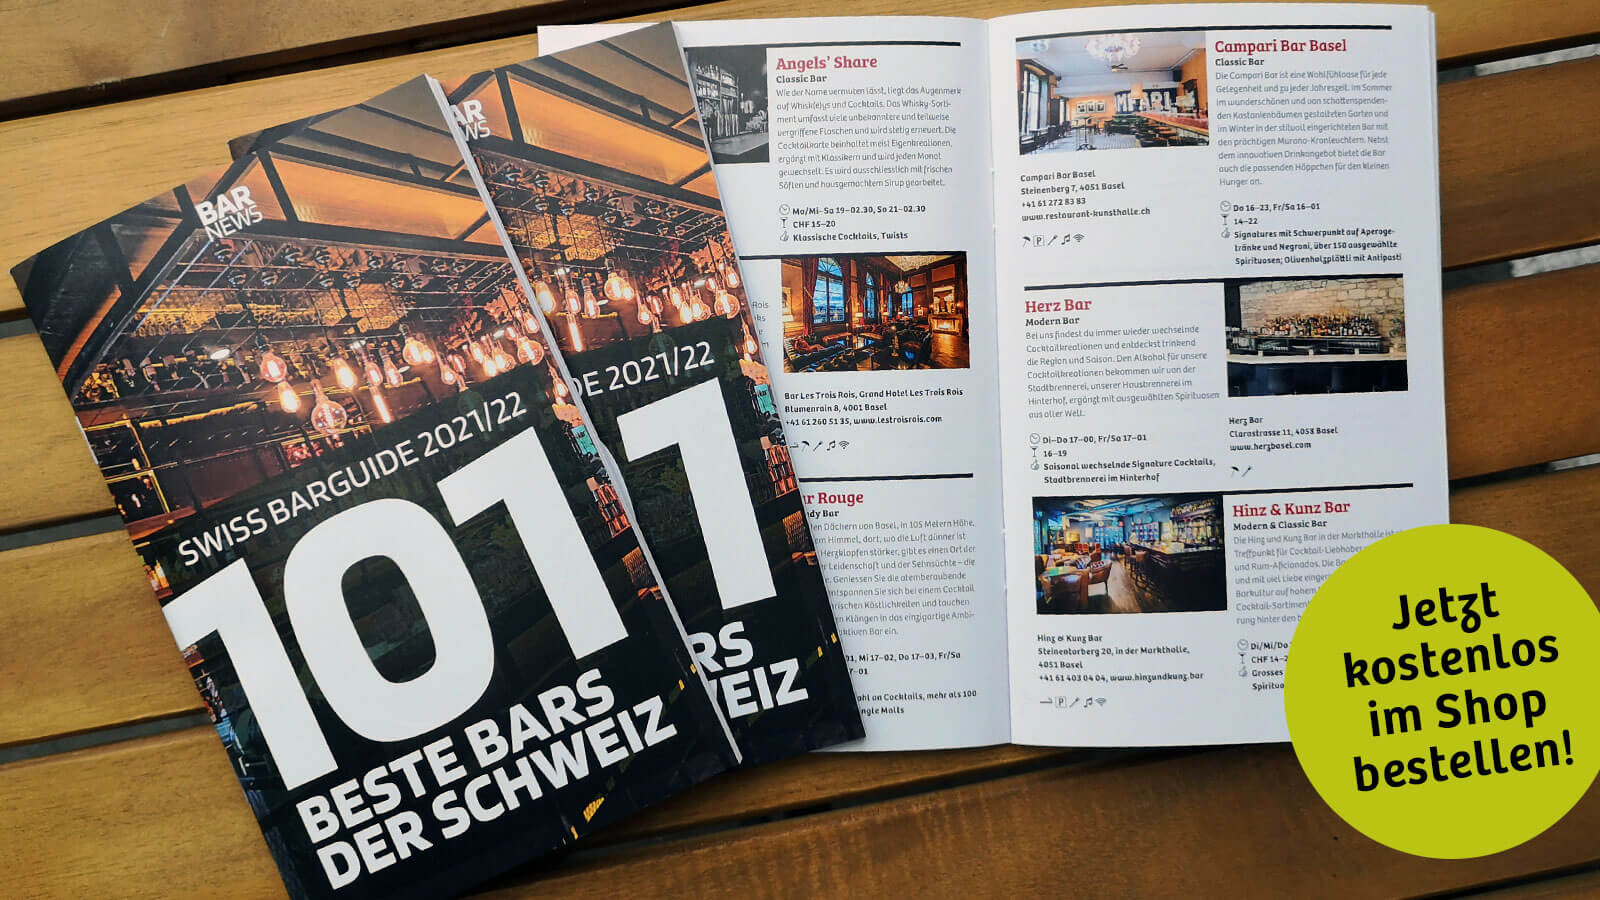 Die 101 besten Bars der Schweiz im handlichen Booklet des Swiss Barguide.